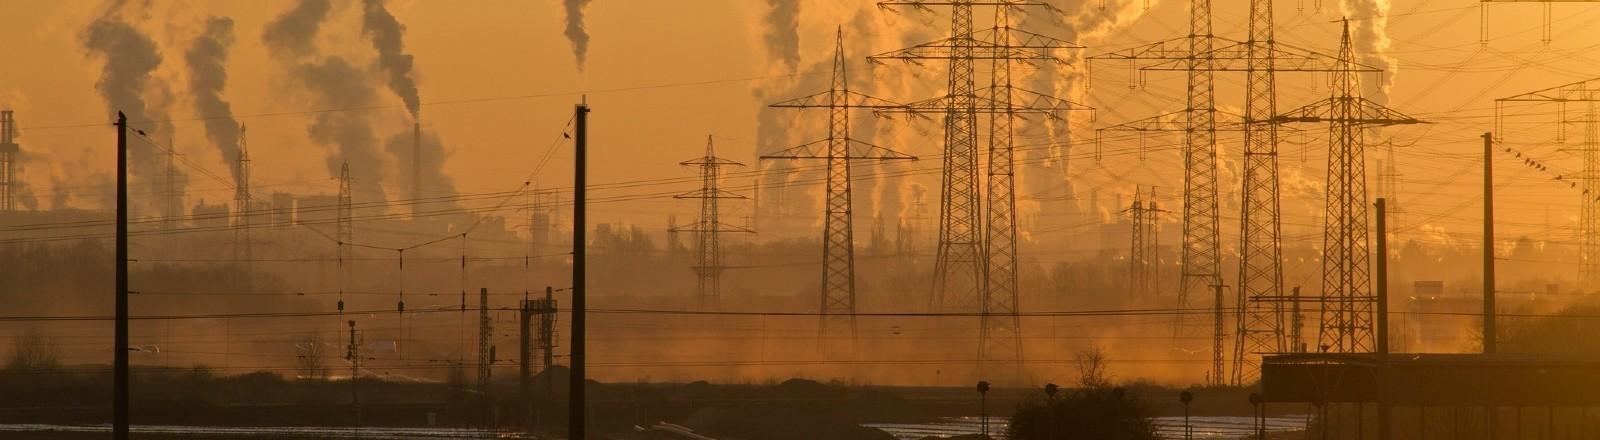 Eine Industriemeile im Sonnenuntergang